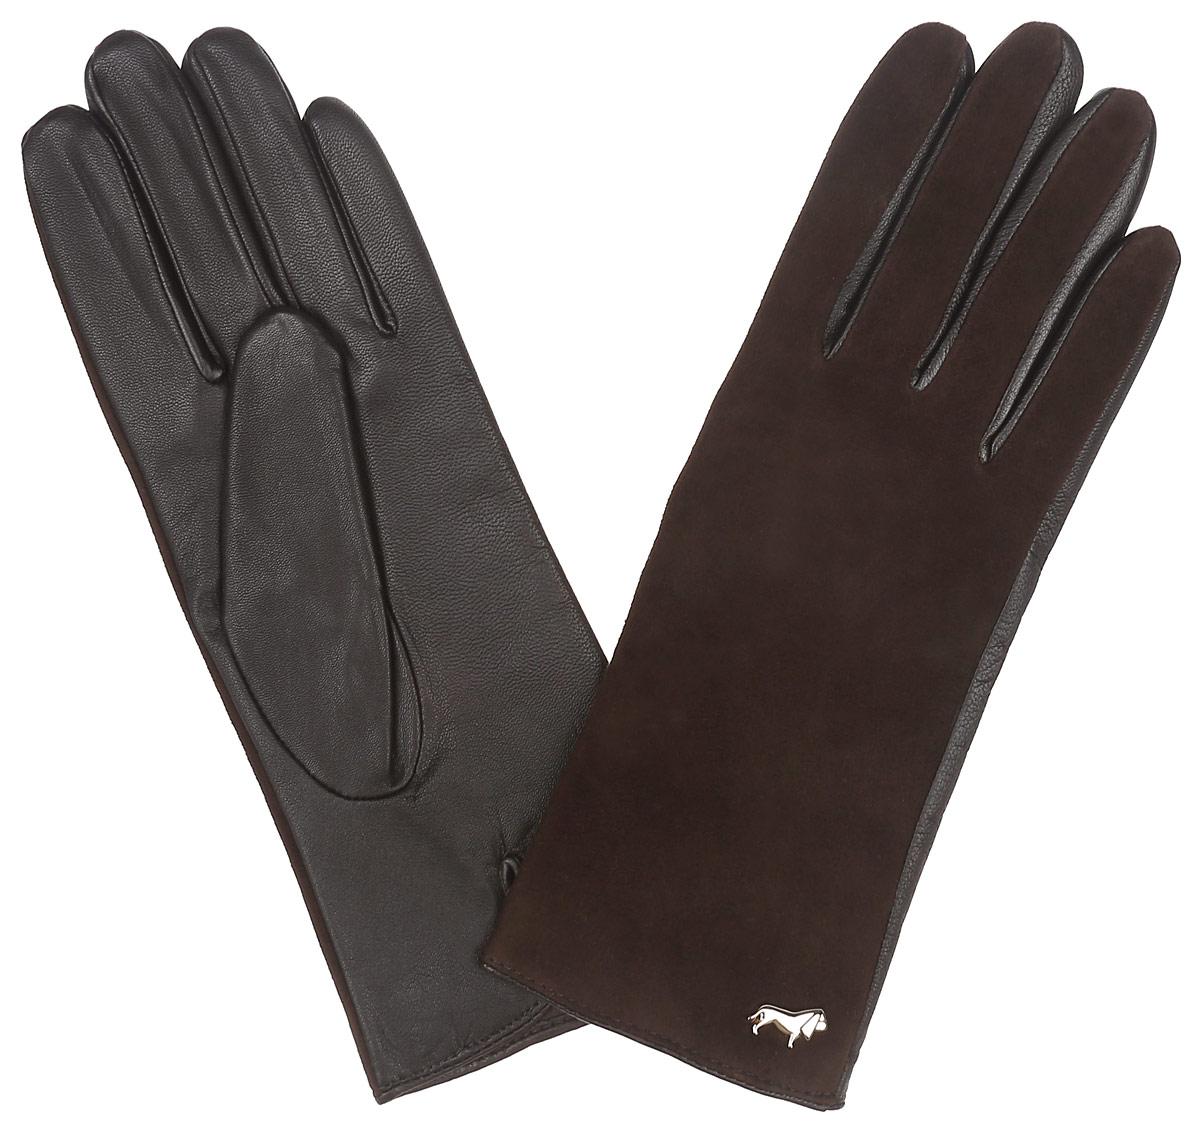 Перчатки женские Labbra, цвет: темно-коричневый. LB-4707. Размер 7LB-4707Классические женские перчатки Labbra не только защитят ваши руки, но и станутвеликолепным украшением. Тыльная сторона перчаток выполнена иззамши, а на ладошках- из чрезвычайно мягкой и приятной на ощупьнатуральной кожи ягненка, а их подкладка - из натуральной шерсти с добавлениемакрила.Внешняя сторона оформлена фирменным логотипом в виде собачки. Качественная отделка кожи ягненка делает эту модель нетолько красивой, но и долговечной.В настоящее время перчатки являютсянеотъемлемой принадлежностью одежды, вместе с этим аксессуаром выобретаете женственность и элегантность. Перчатки станут завершающим иподчеркивающим элементом вашего стиля и неповторимости.